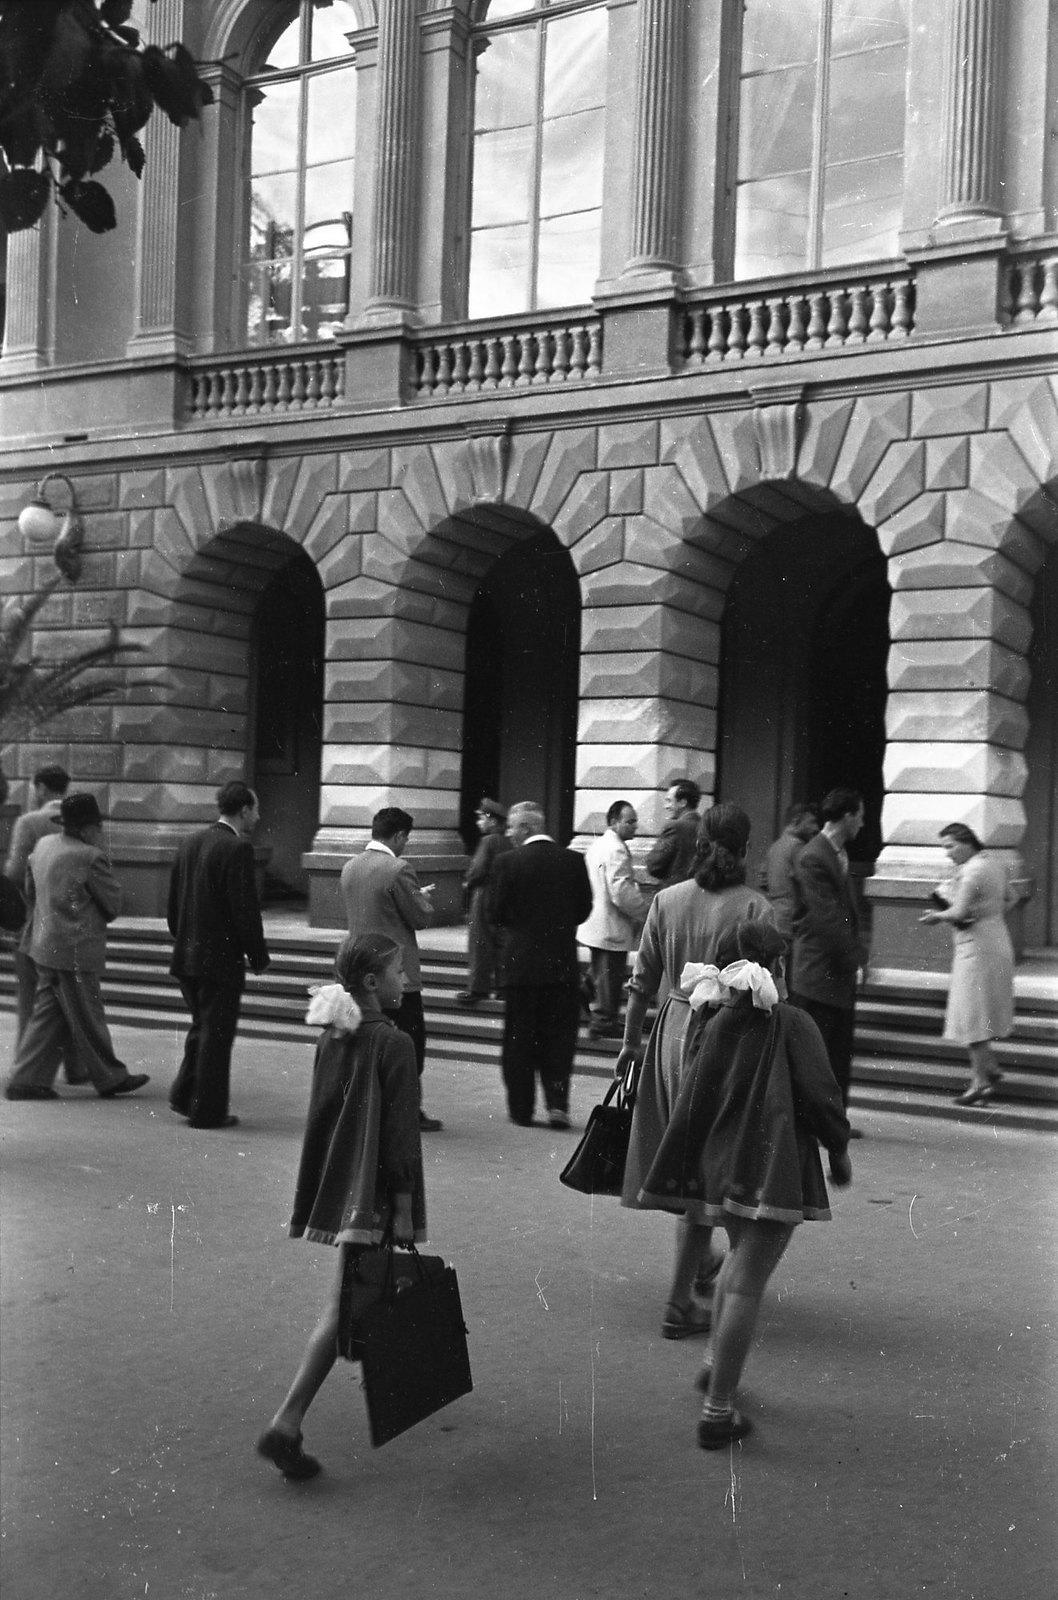 Тбилиси. У входа во Дворец пионеров и школьников (Воронцовский дворец). сентябрь-октябрь